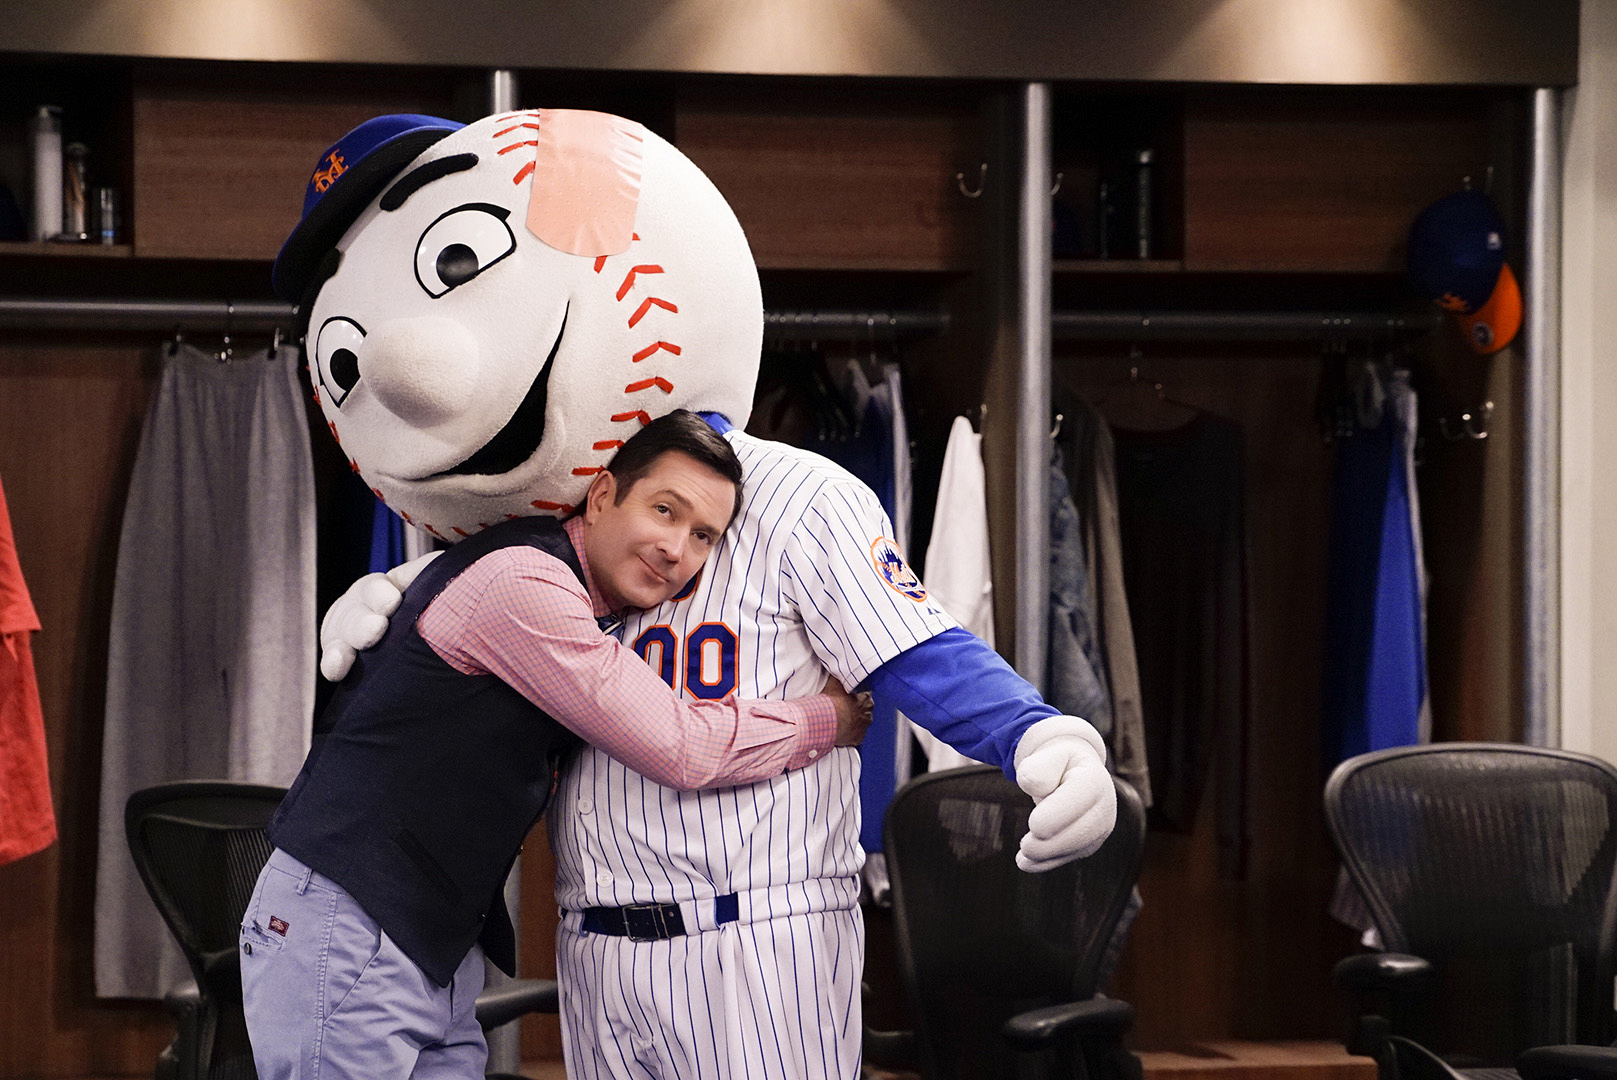 Felix gives Mr. Met a big hug.